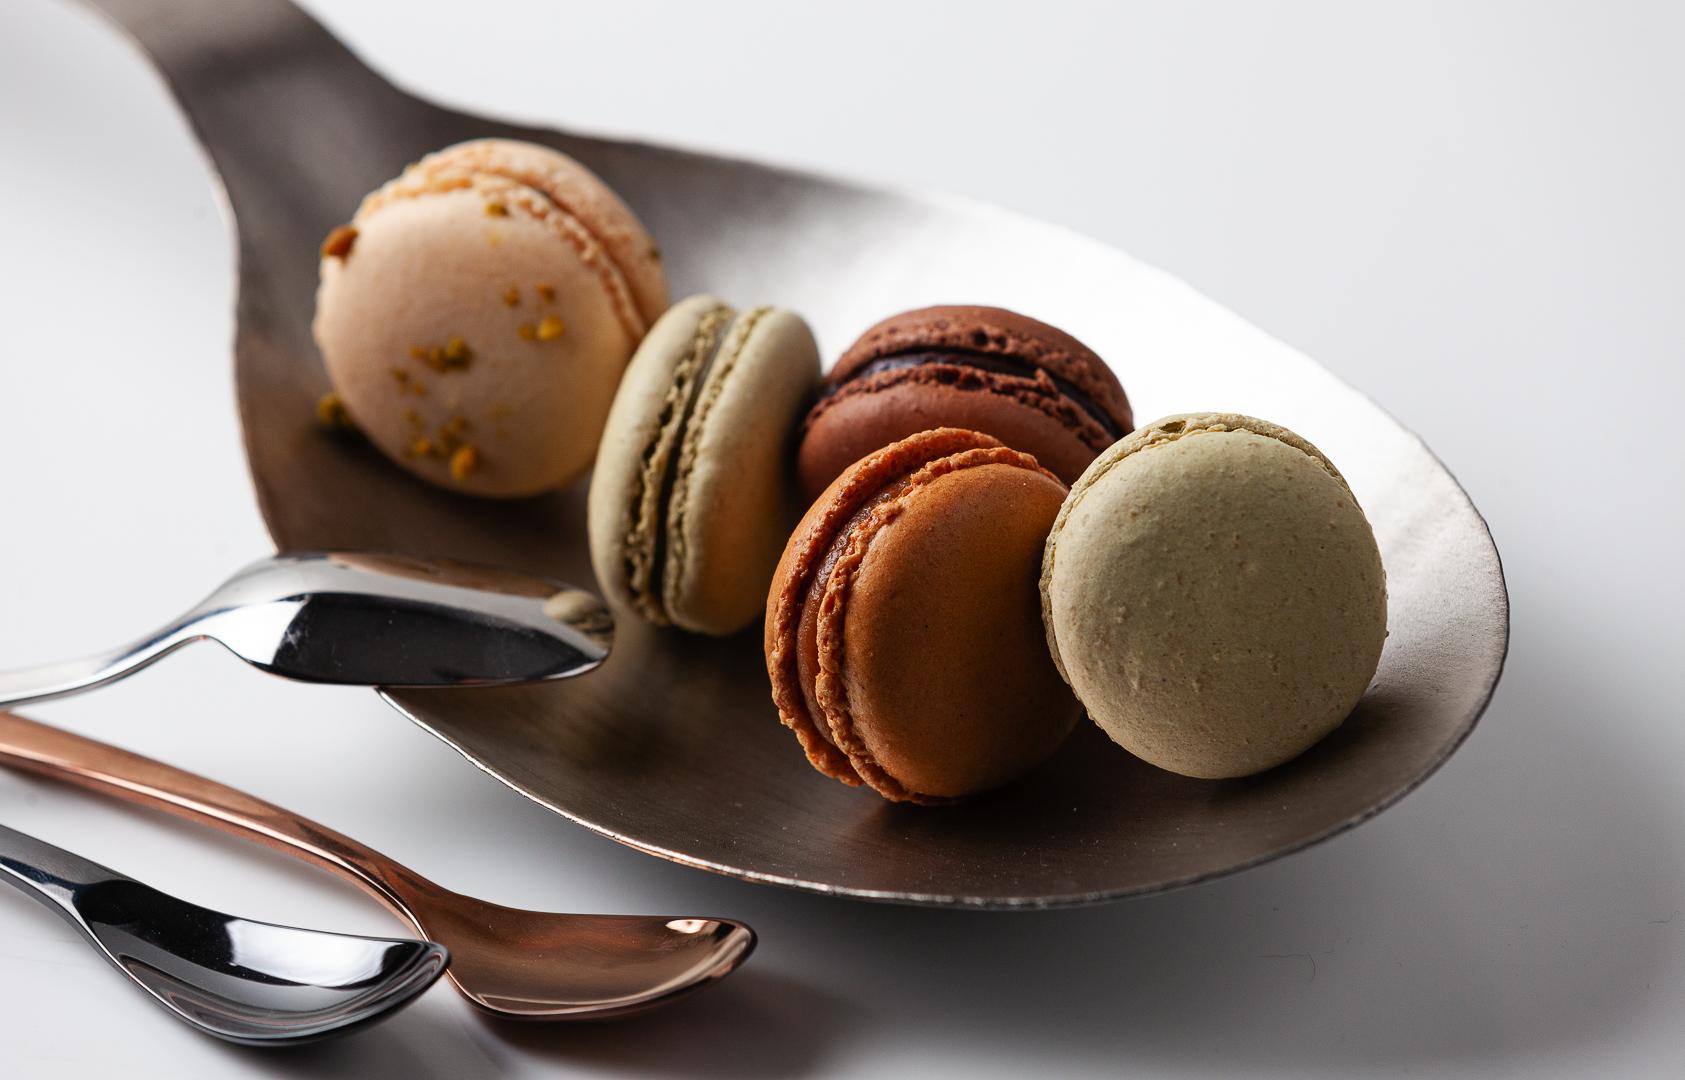 macaron-une-glace-a-paris-maison-lejeune